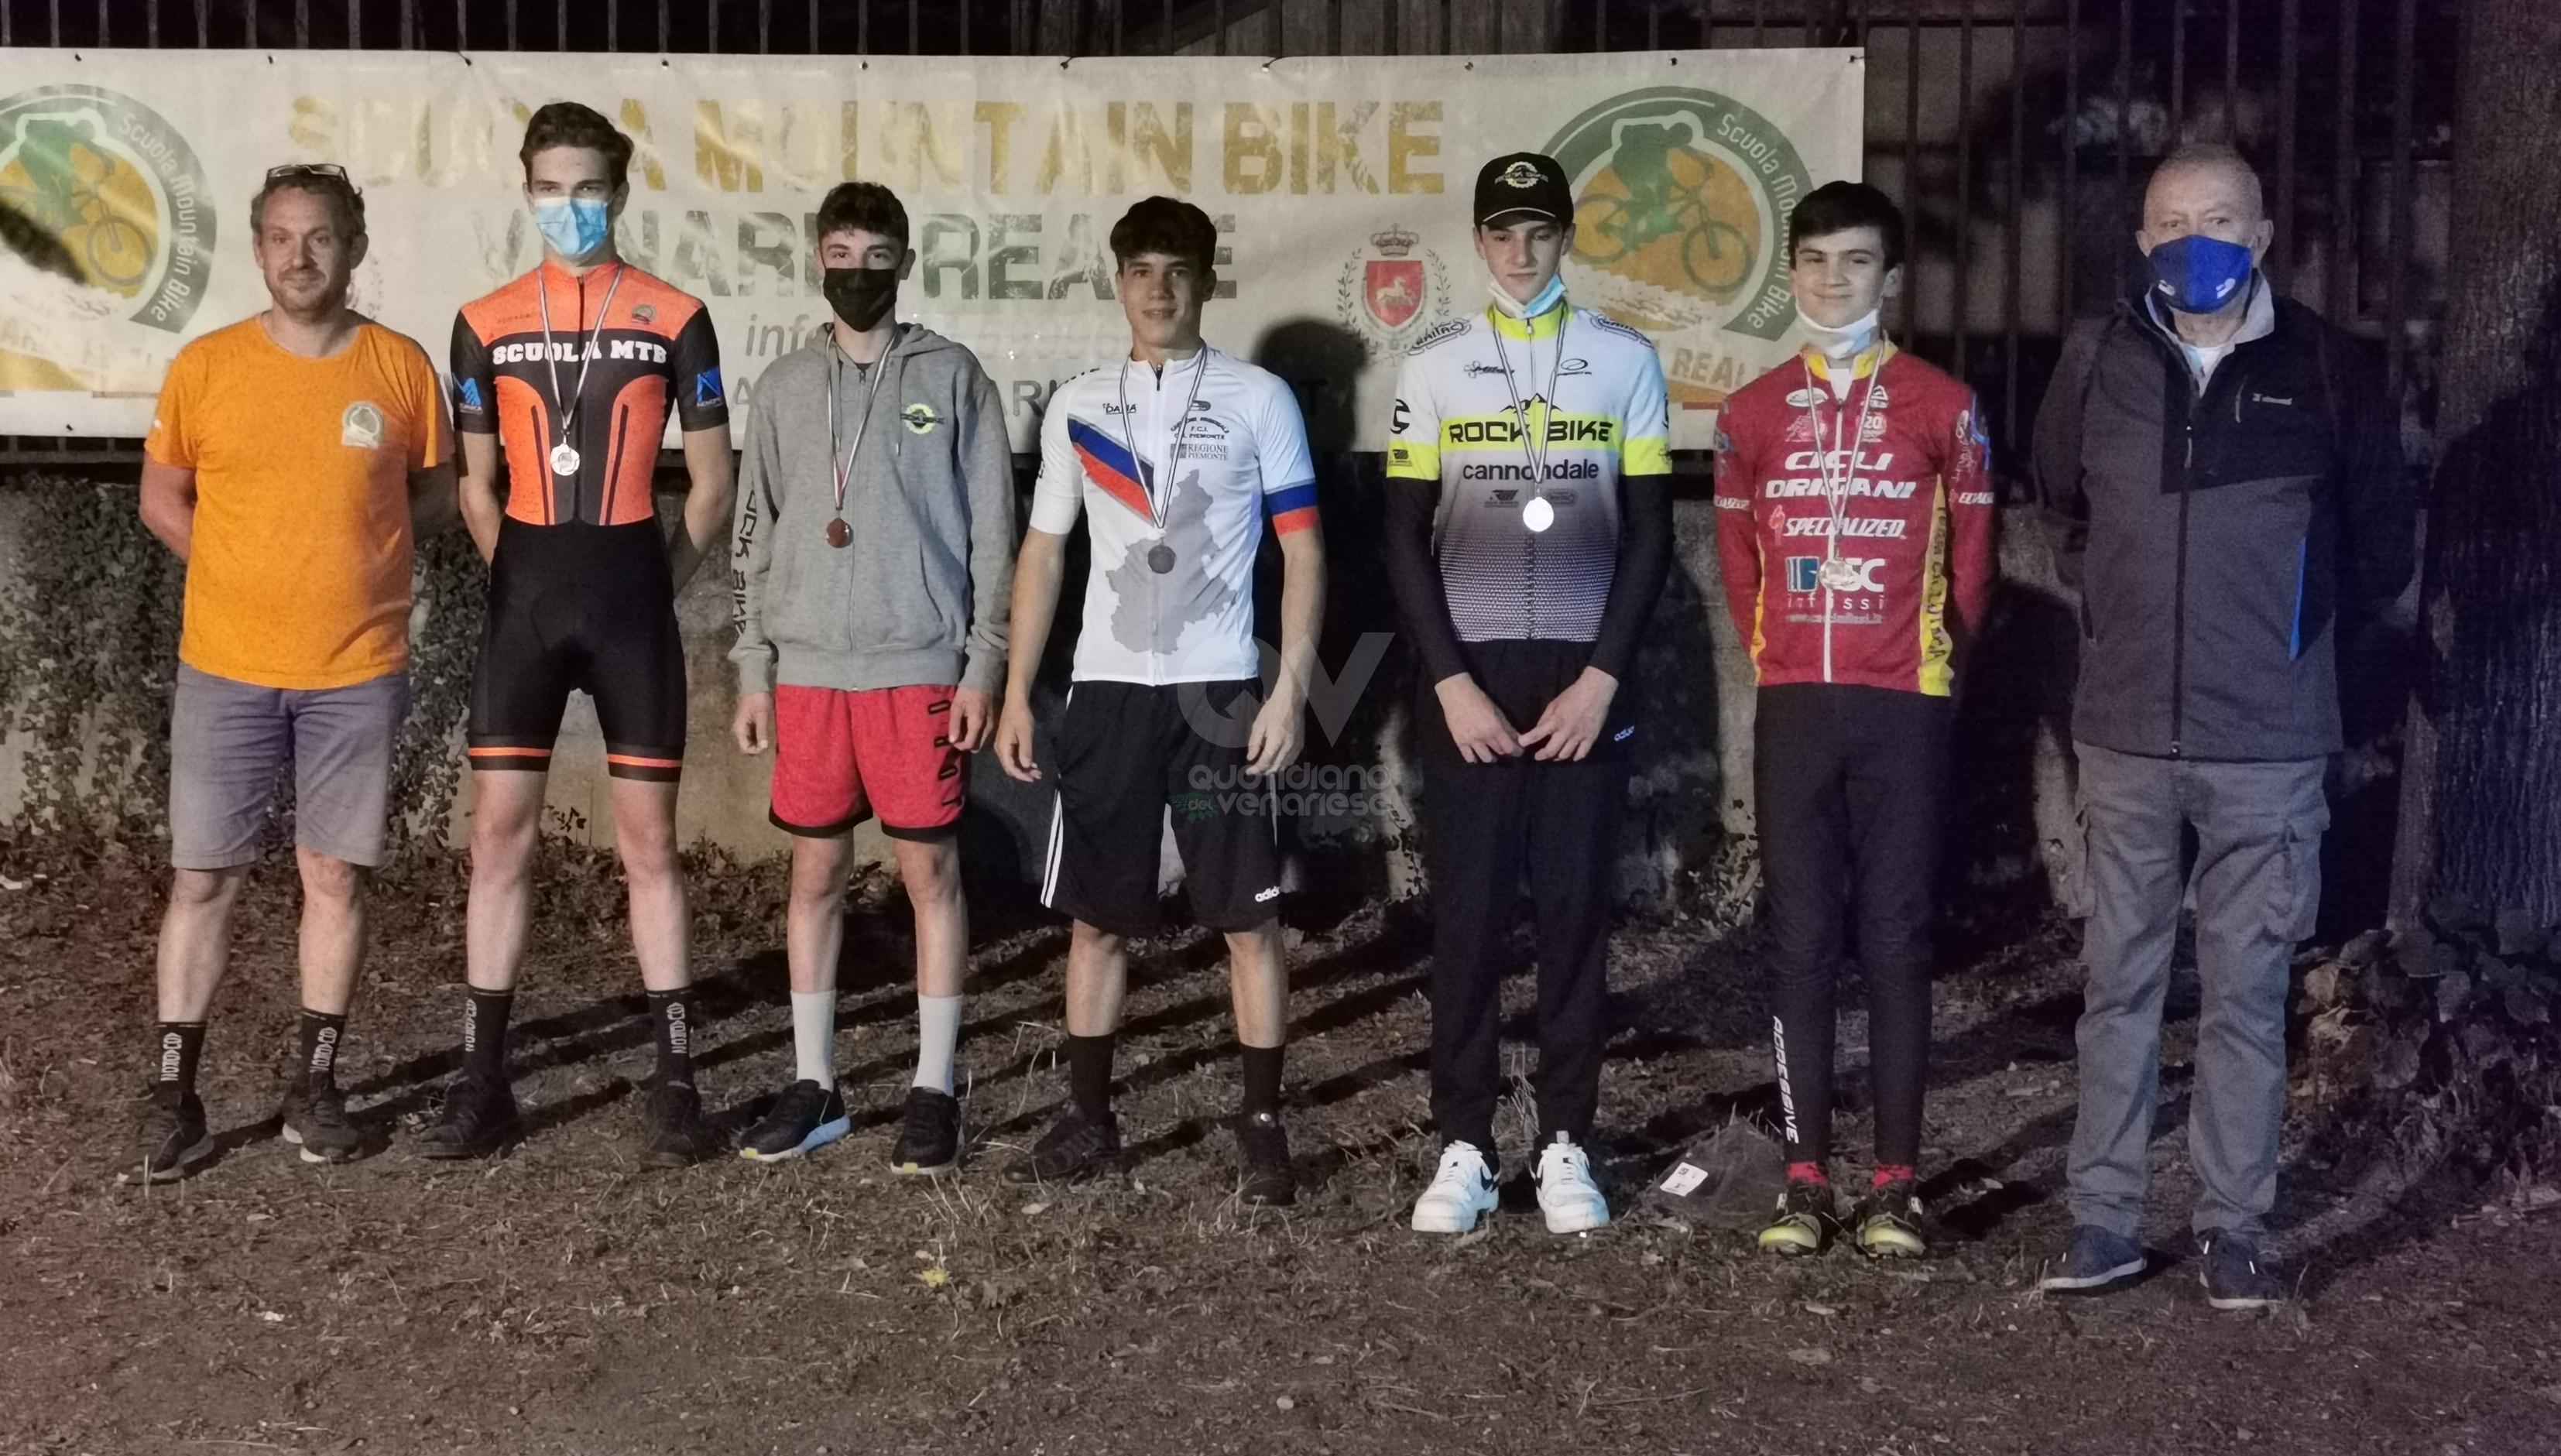 VENARIA - Memorial Maria Porello in Novo di mountain bike: Francesco Stobbia campione regionale - FOTO